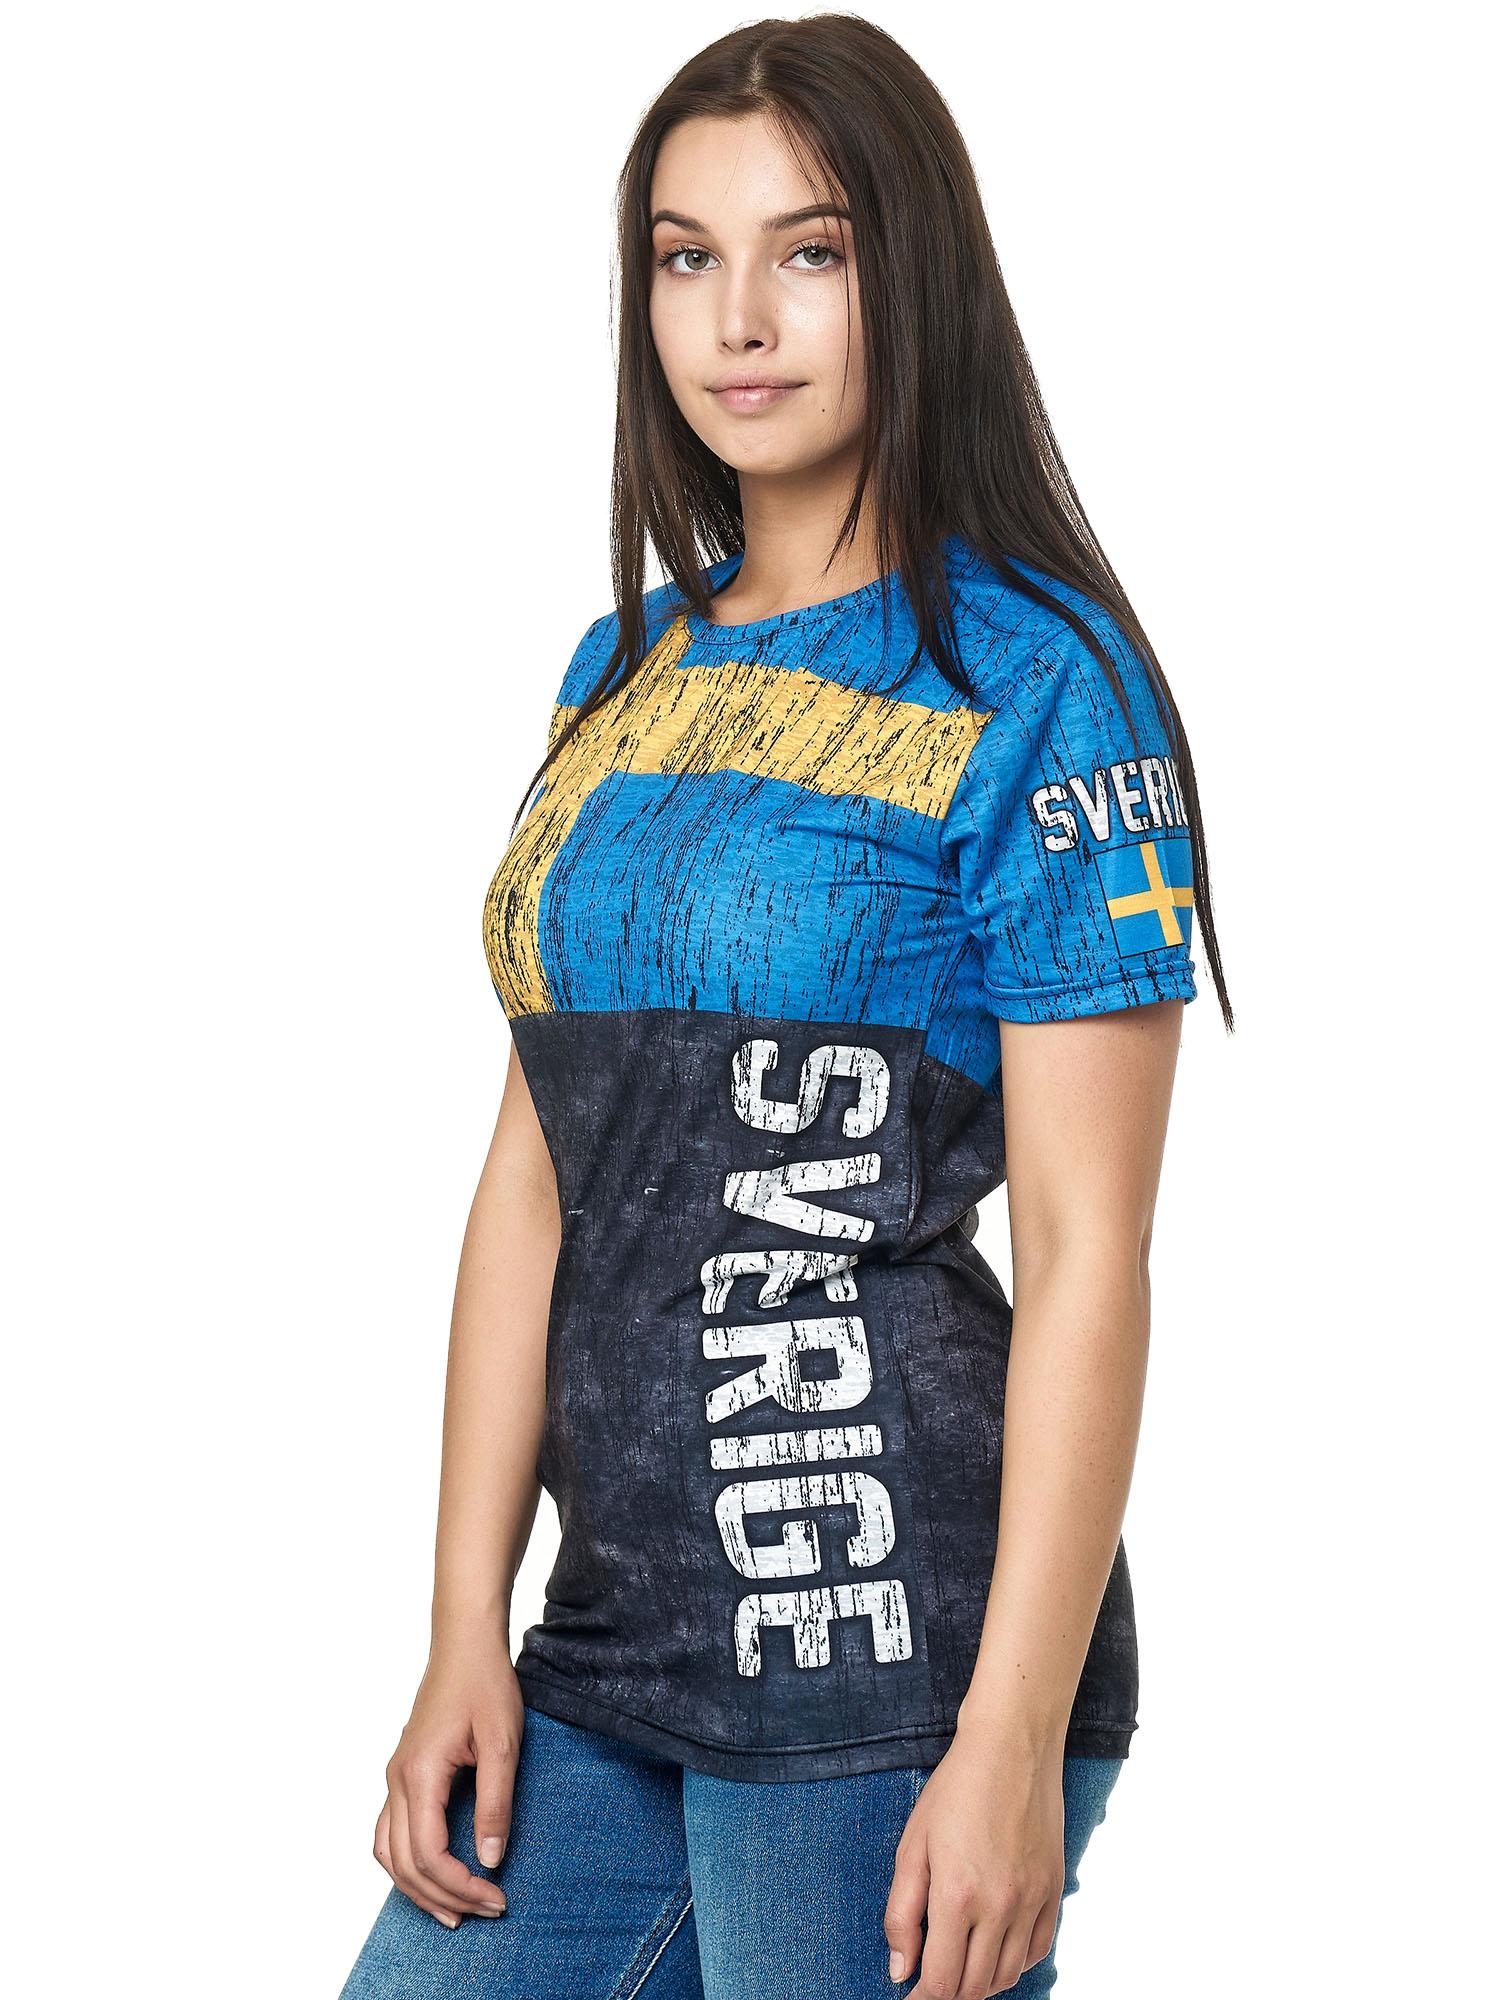 Paesi-da-Donna-T-shirt-A-Maniche-Corte-Girocollo-donne-CALCIO-Fanshirt-John-Kayna miniatura 102